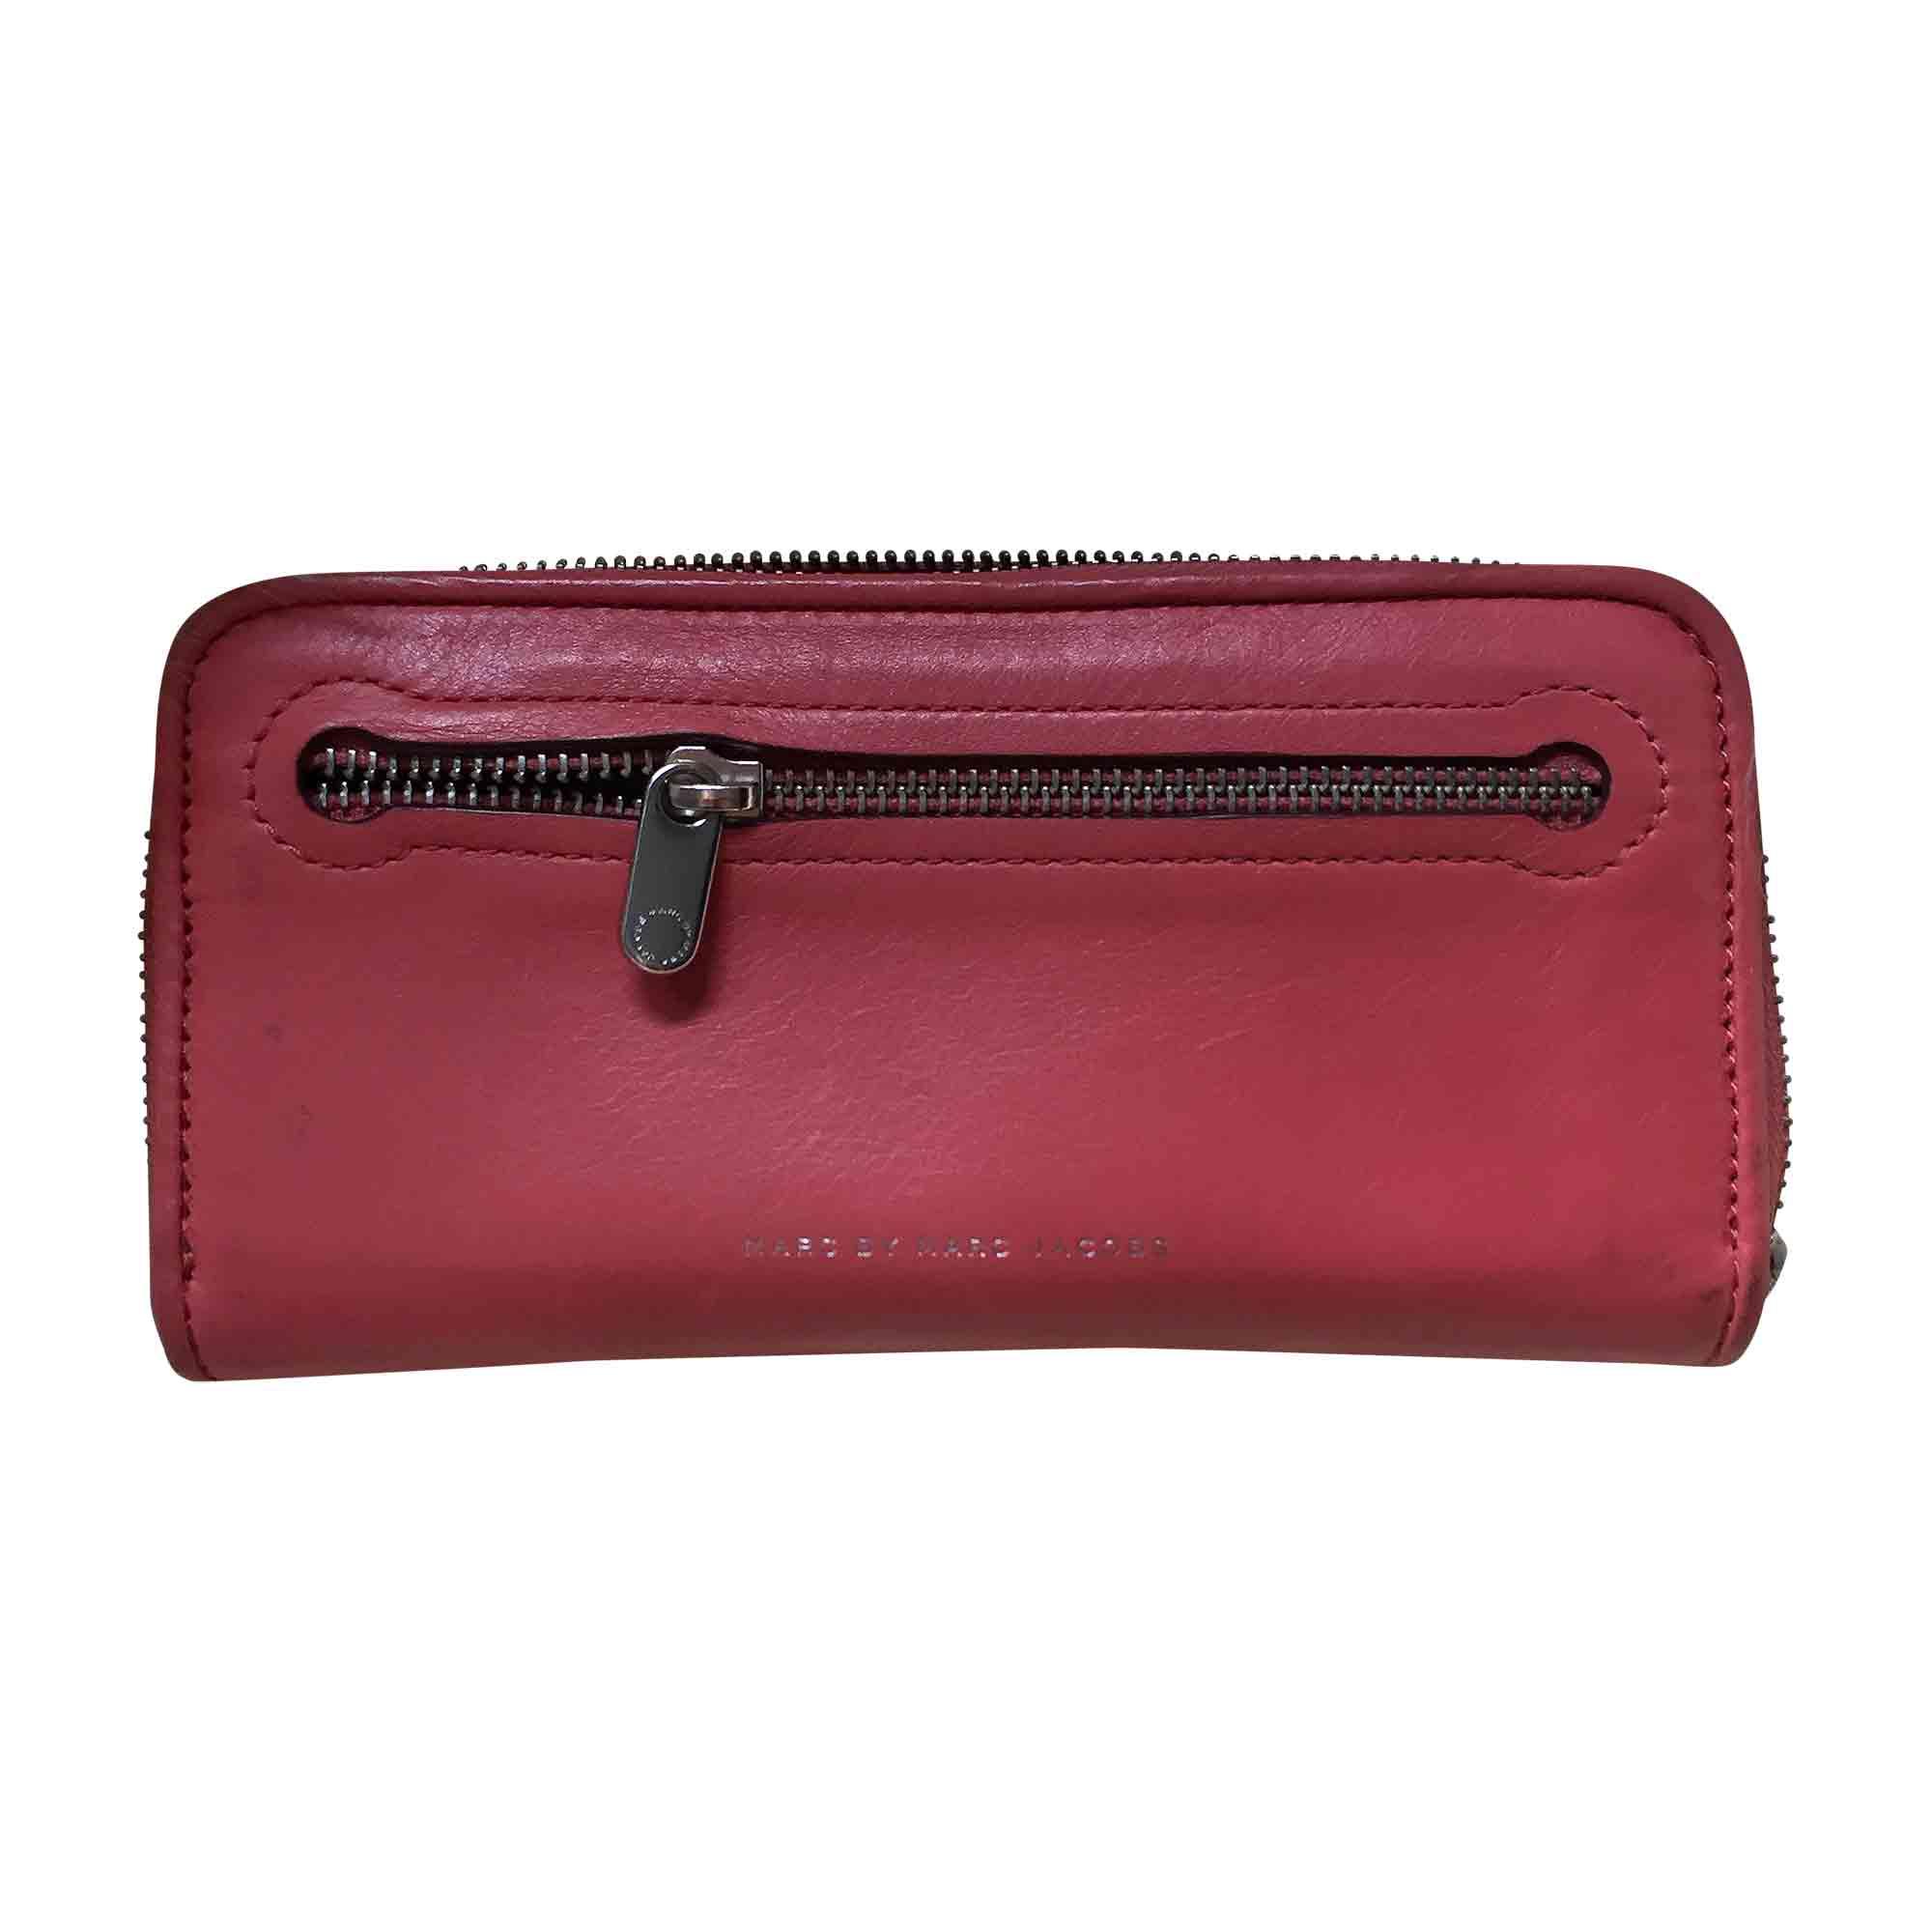 geldbeutel marc by marc jacobs pink vendu par anne sophie546823 6240809. Black Bedroom Furniture Sets. Home Design Ideas